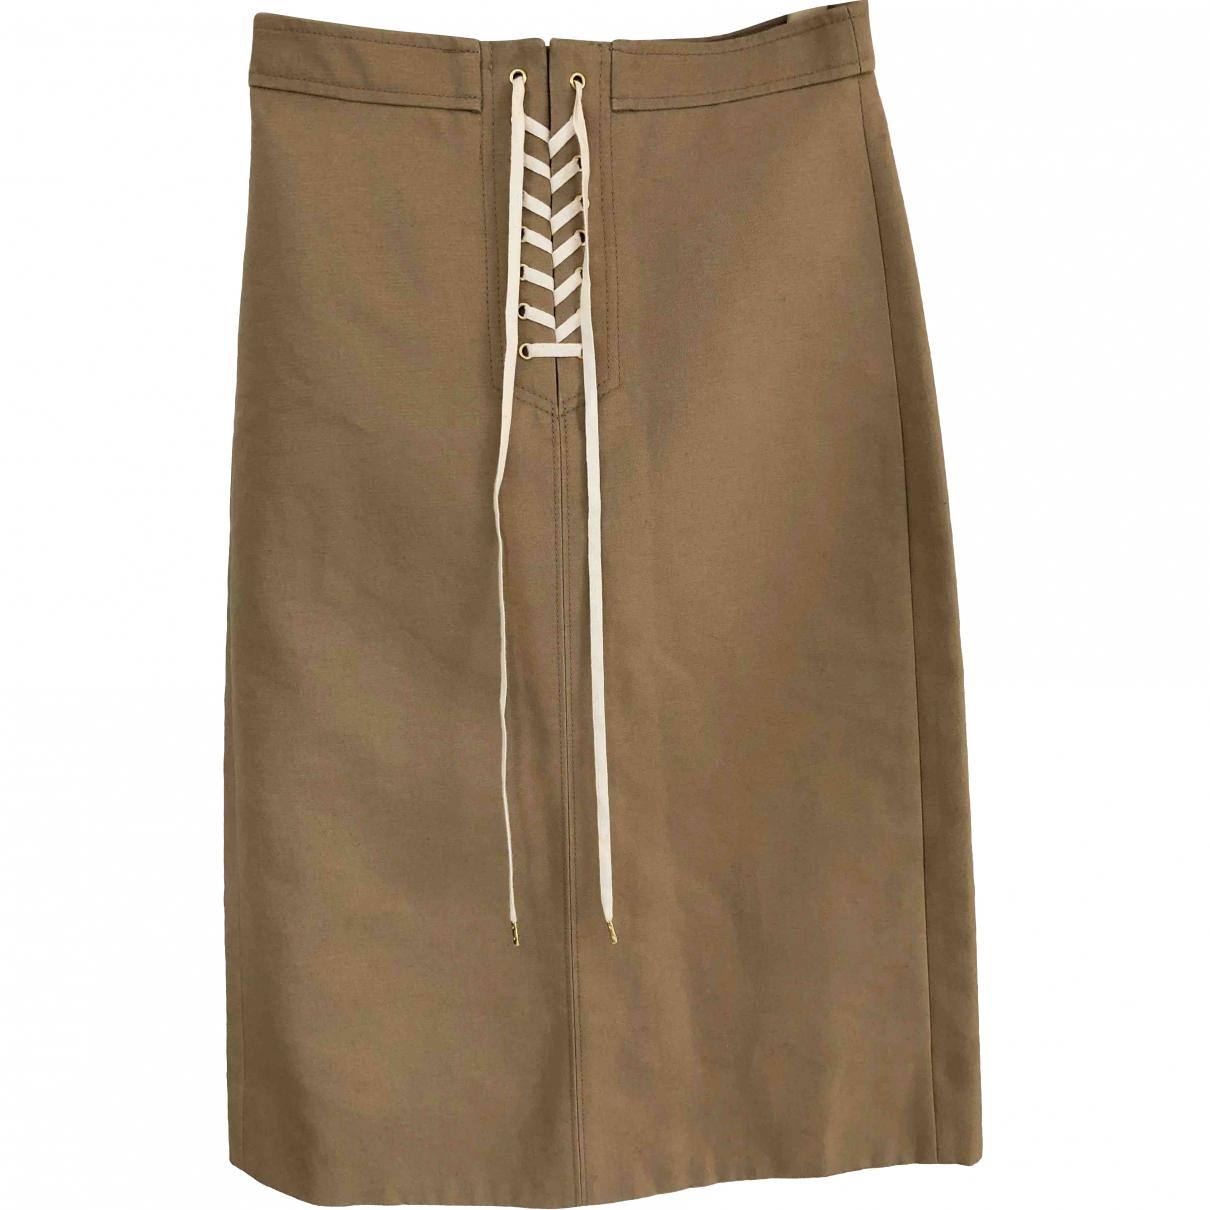 J.crew \N Camel Cotton skirt for Women 34 FR